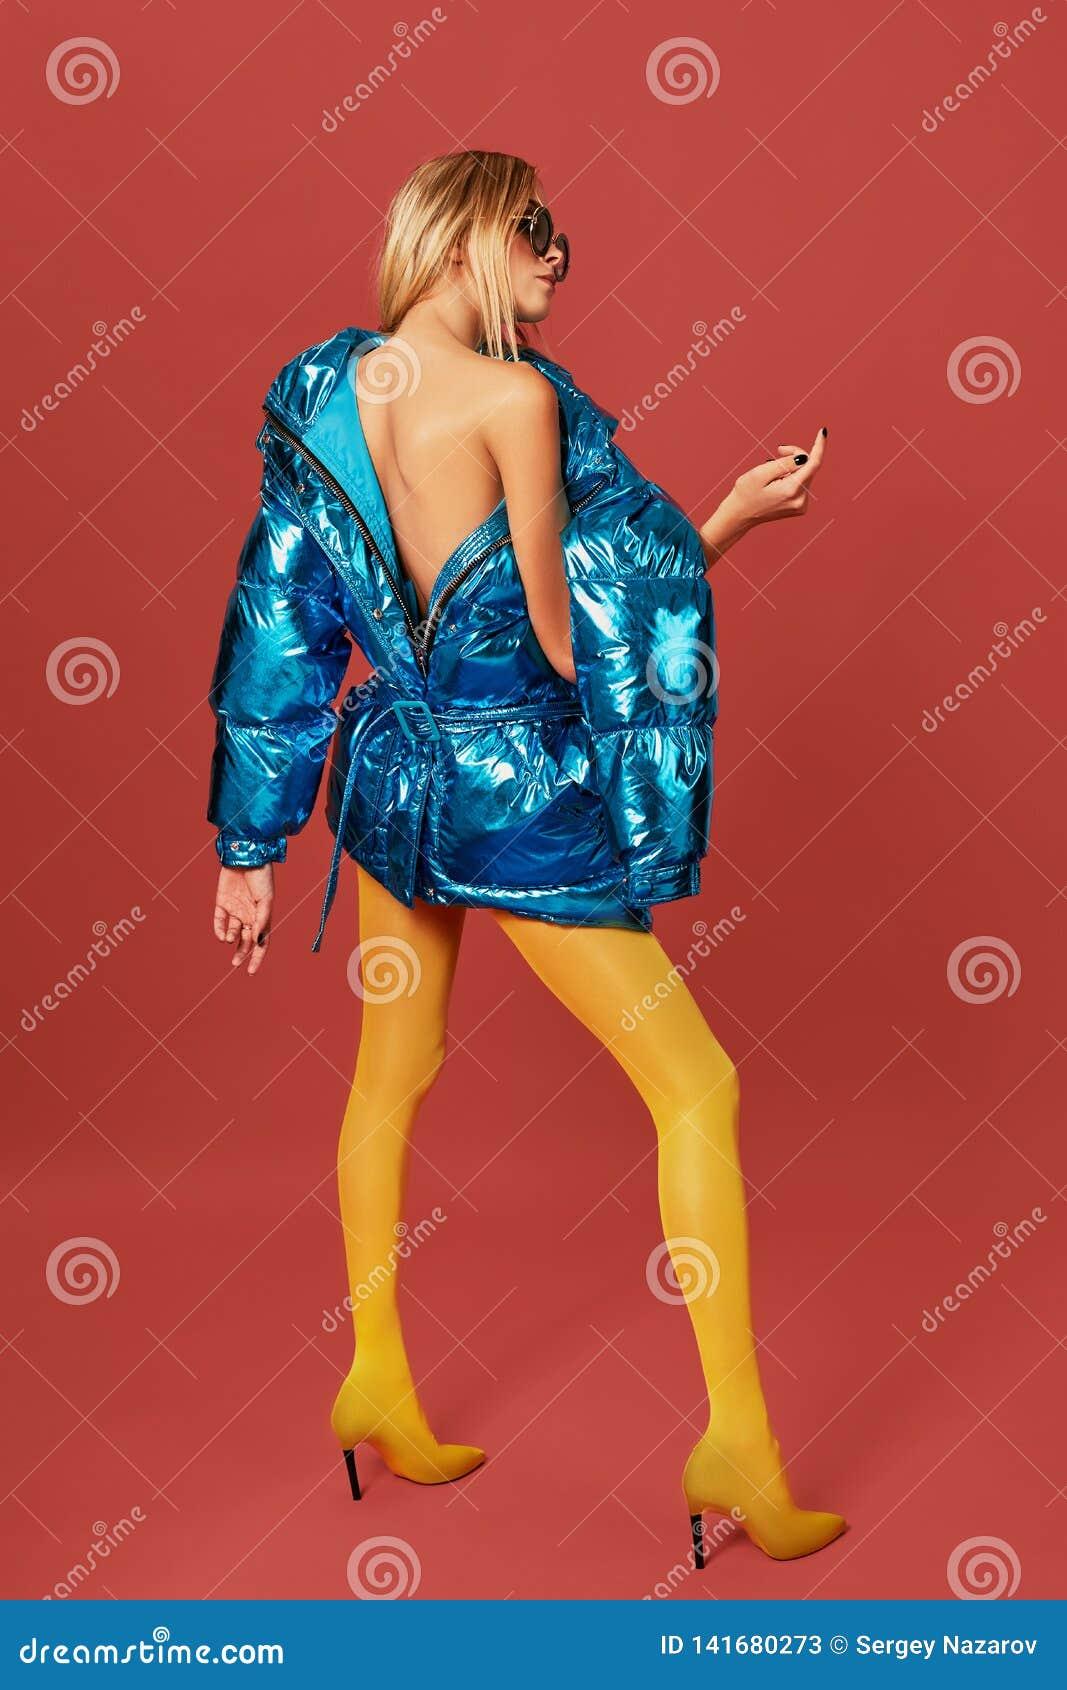 Den härliga blonda flickan poserar för kameran i ett omslag, påklädd tillbaka tillbaka sikt